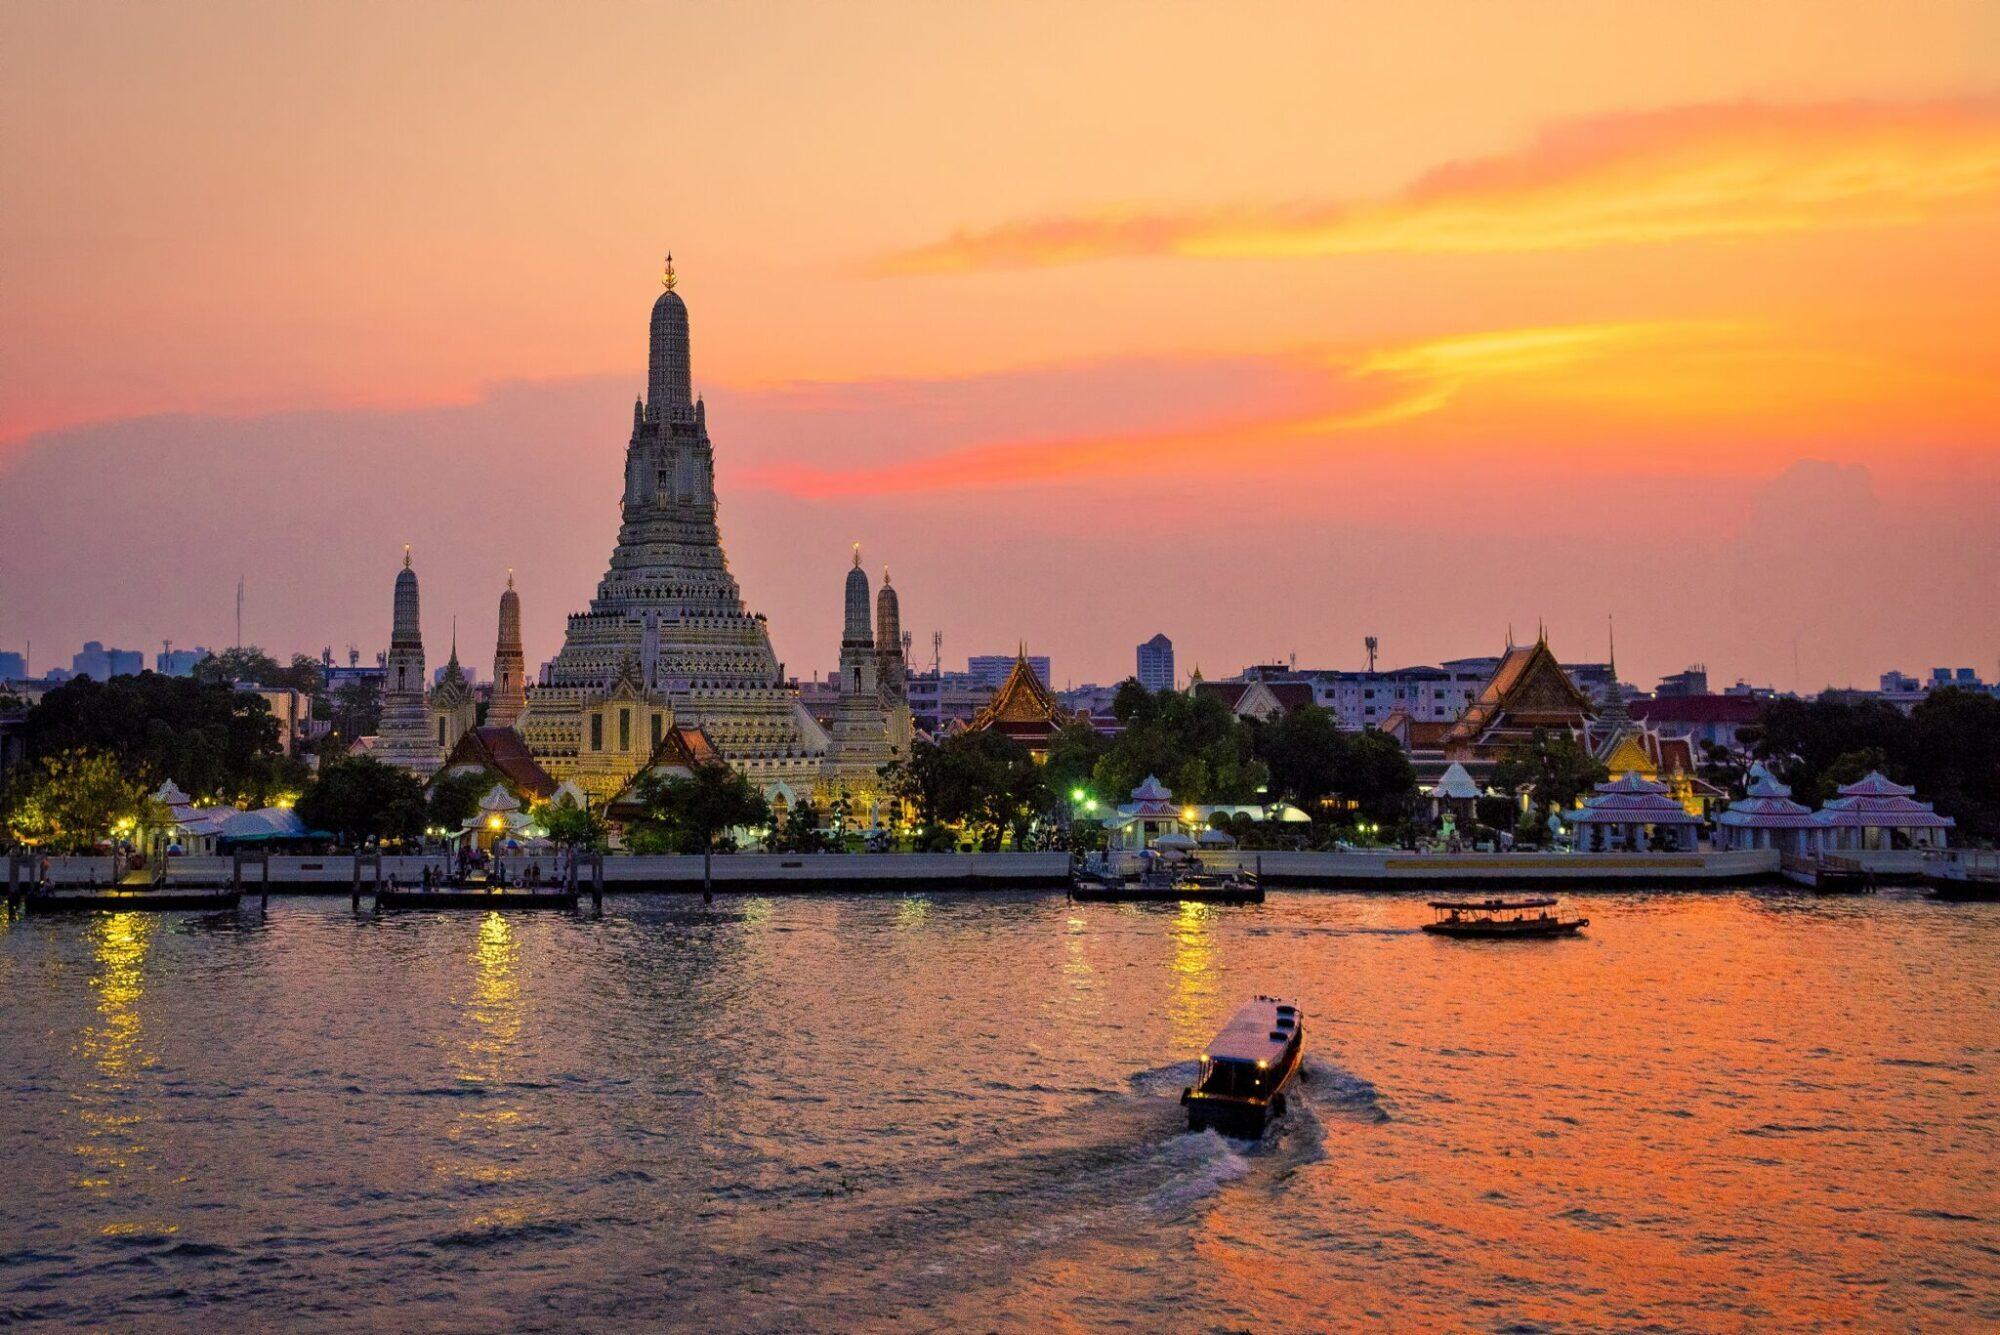 Bangkok Wat Arun Ratchawararam Ratchaworamahawihan scaled e1606118688963